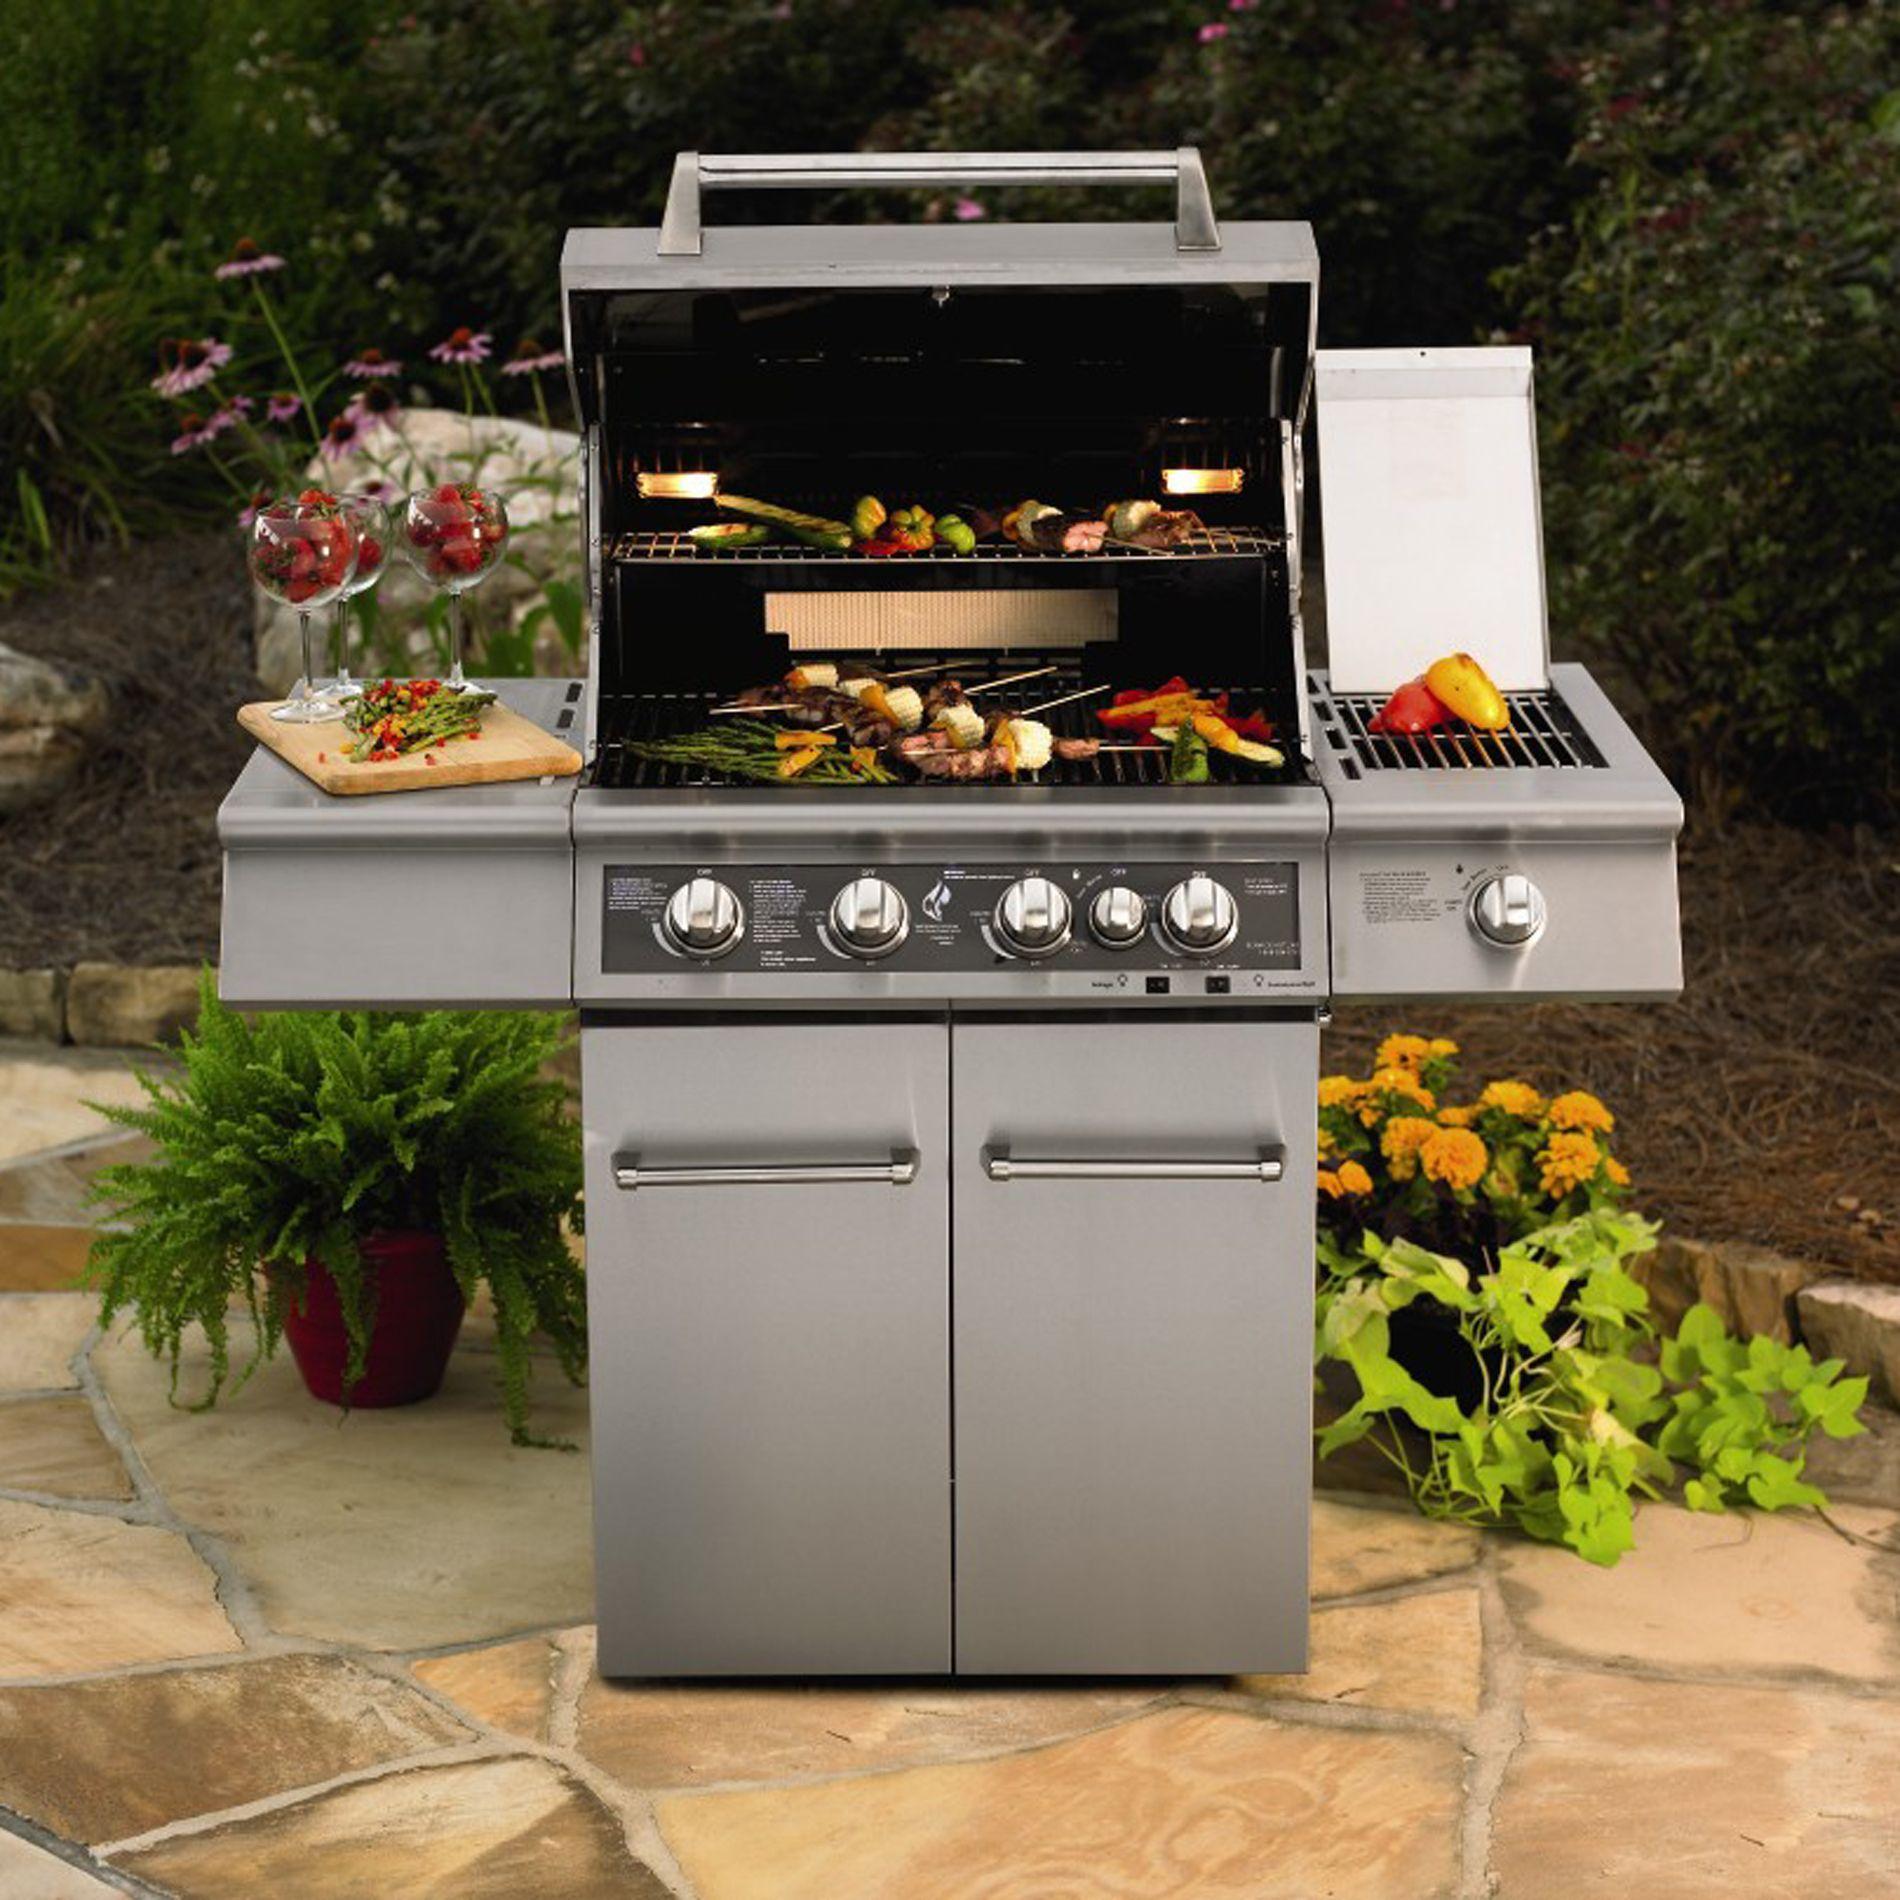 barbecue KitchenAid